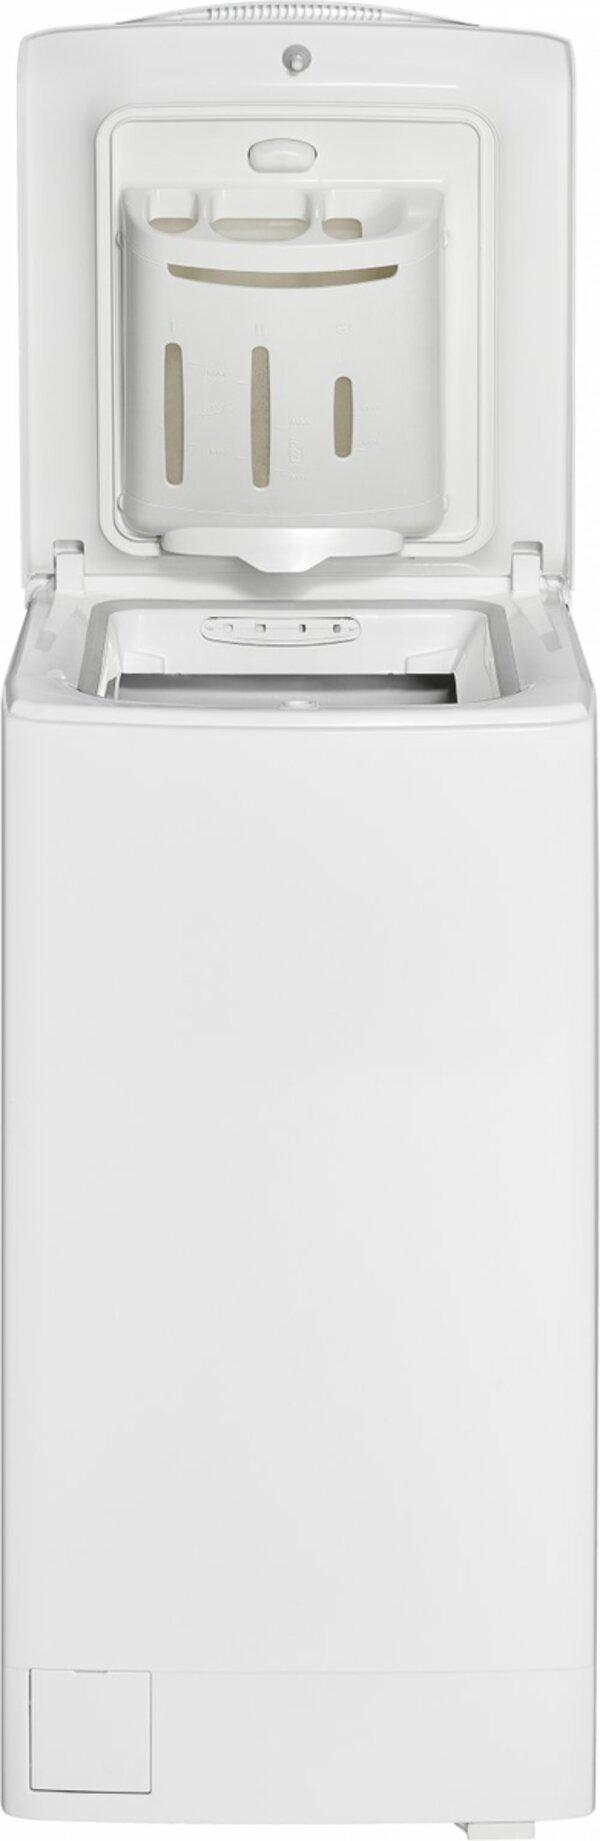 Bomann Waschmaschine Top Lader WA 5726 TL